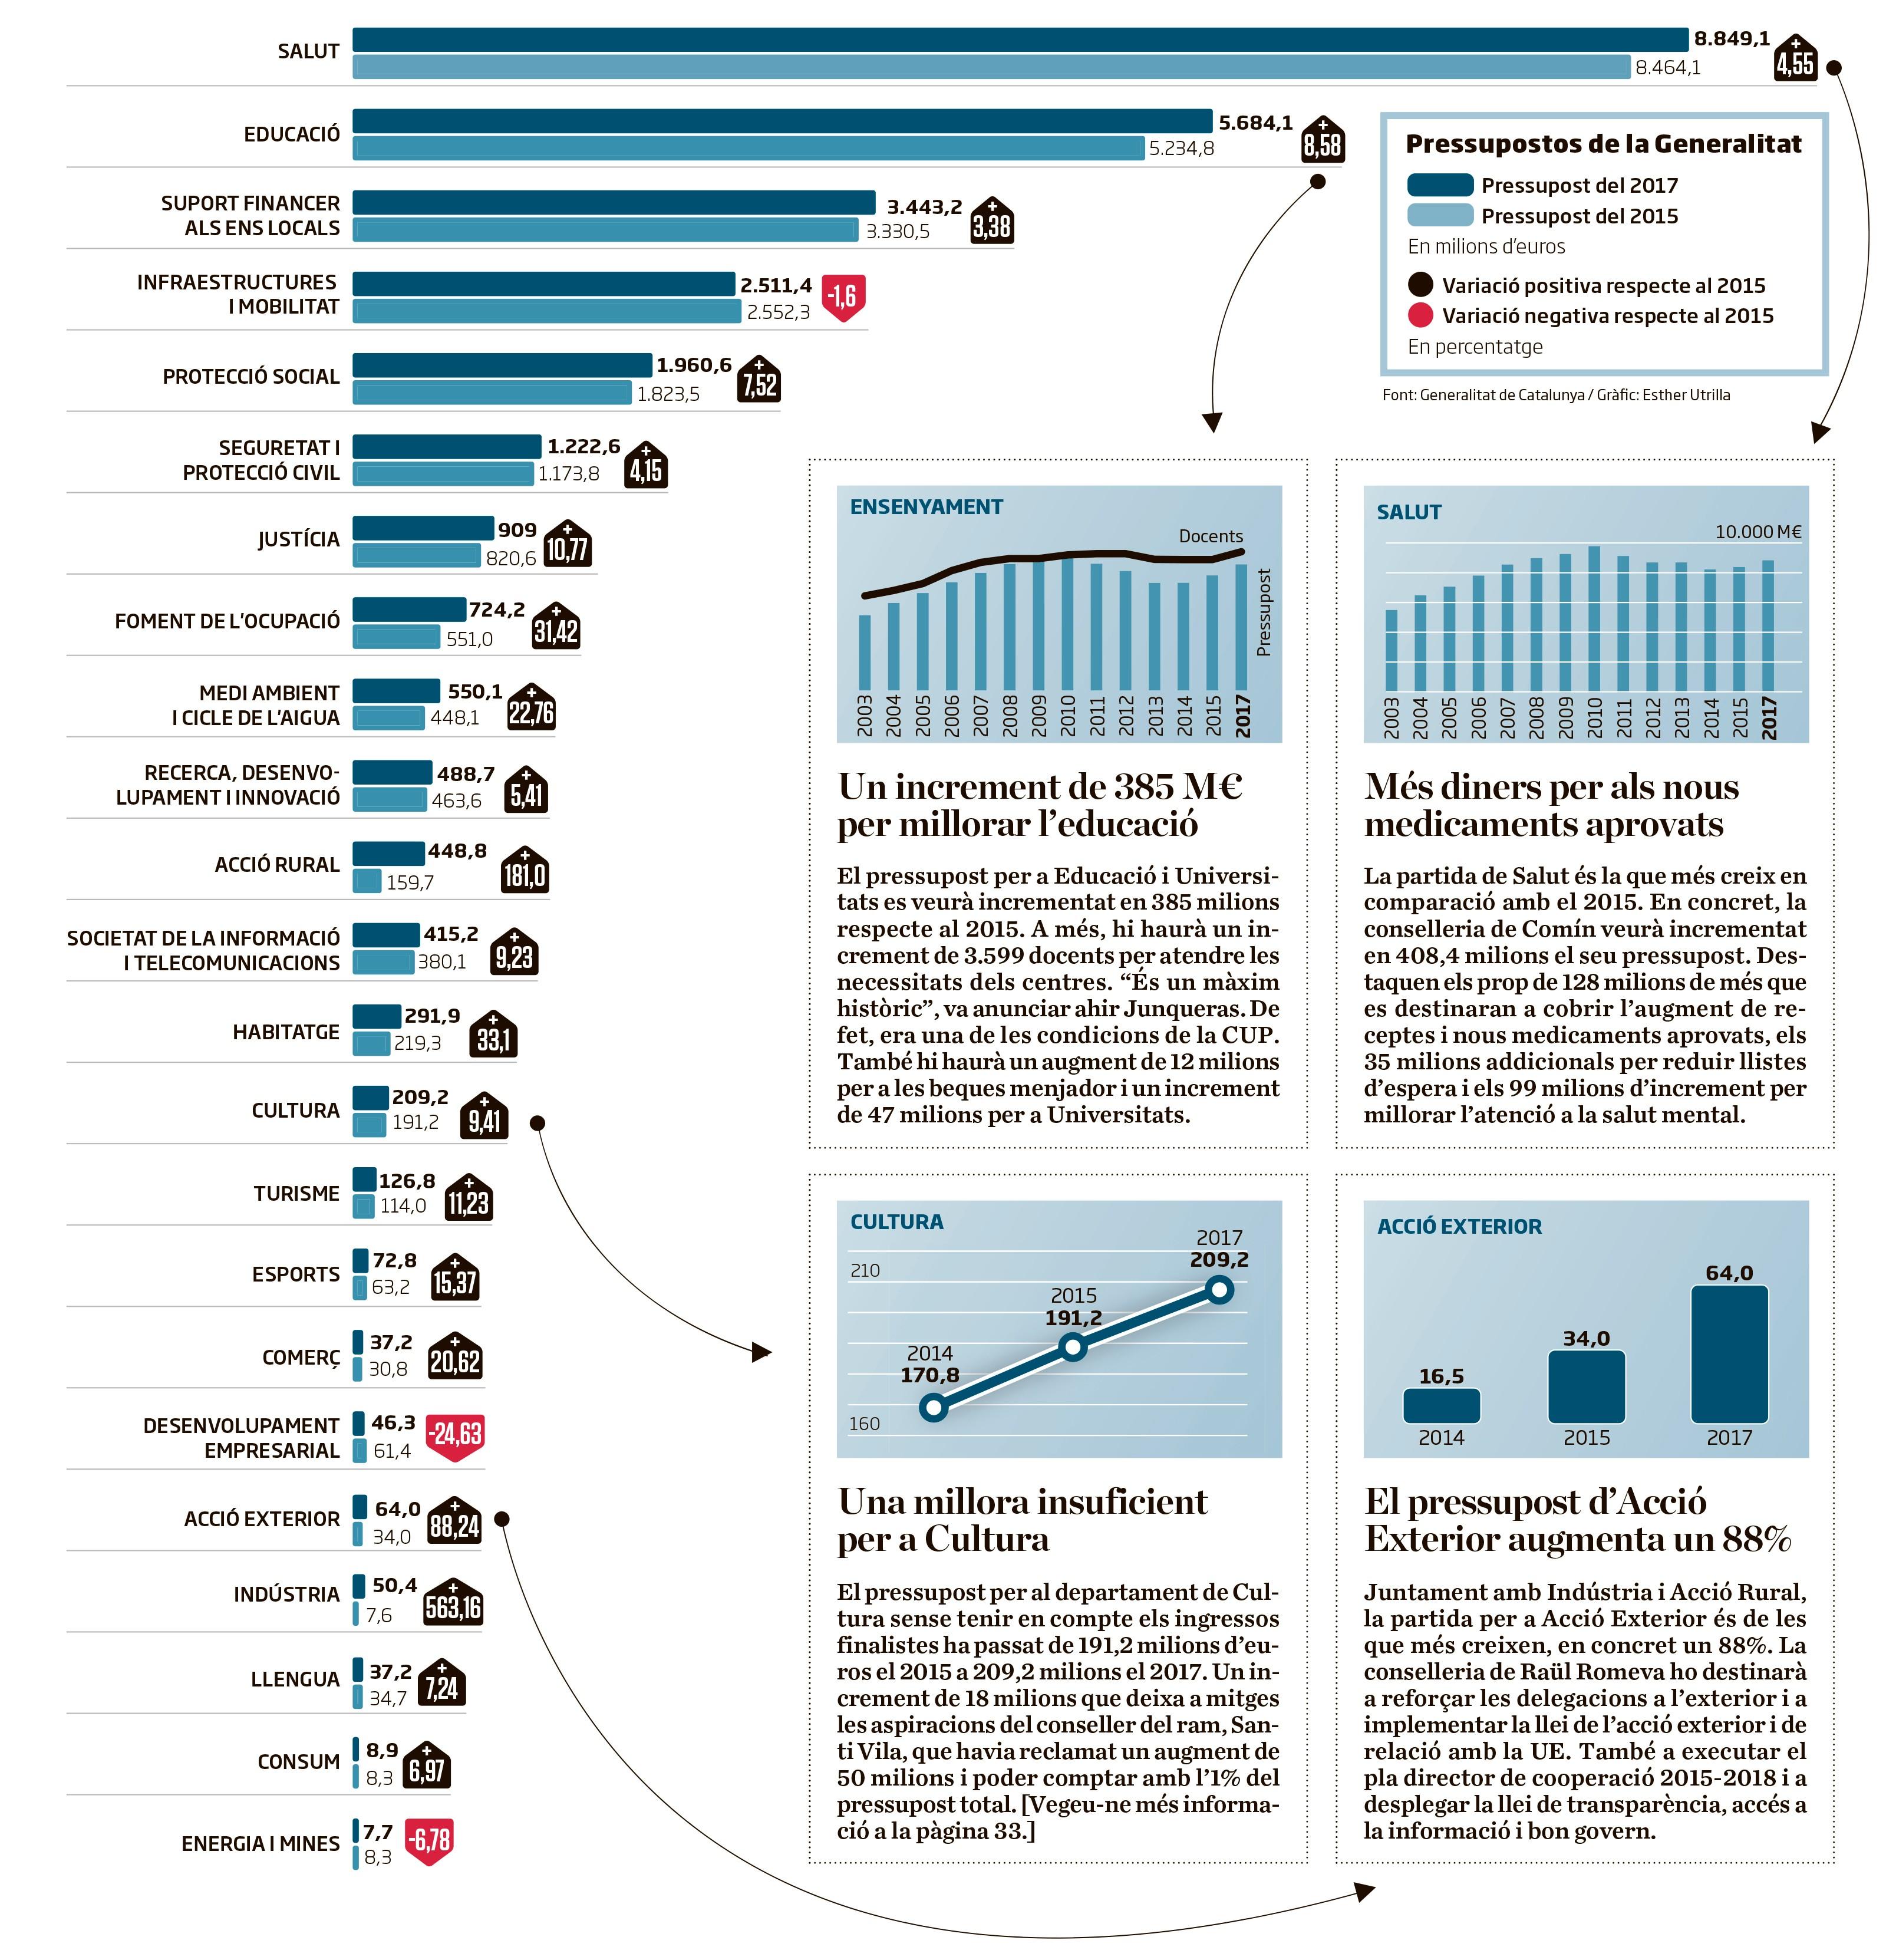 Hilo de Catalu±a economa y poltica [Archivo] Foros de Economa hipotecas y bolsa